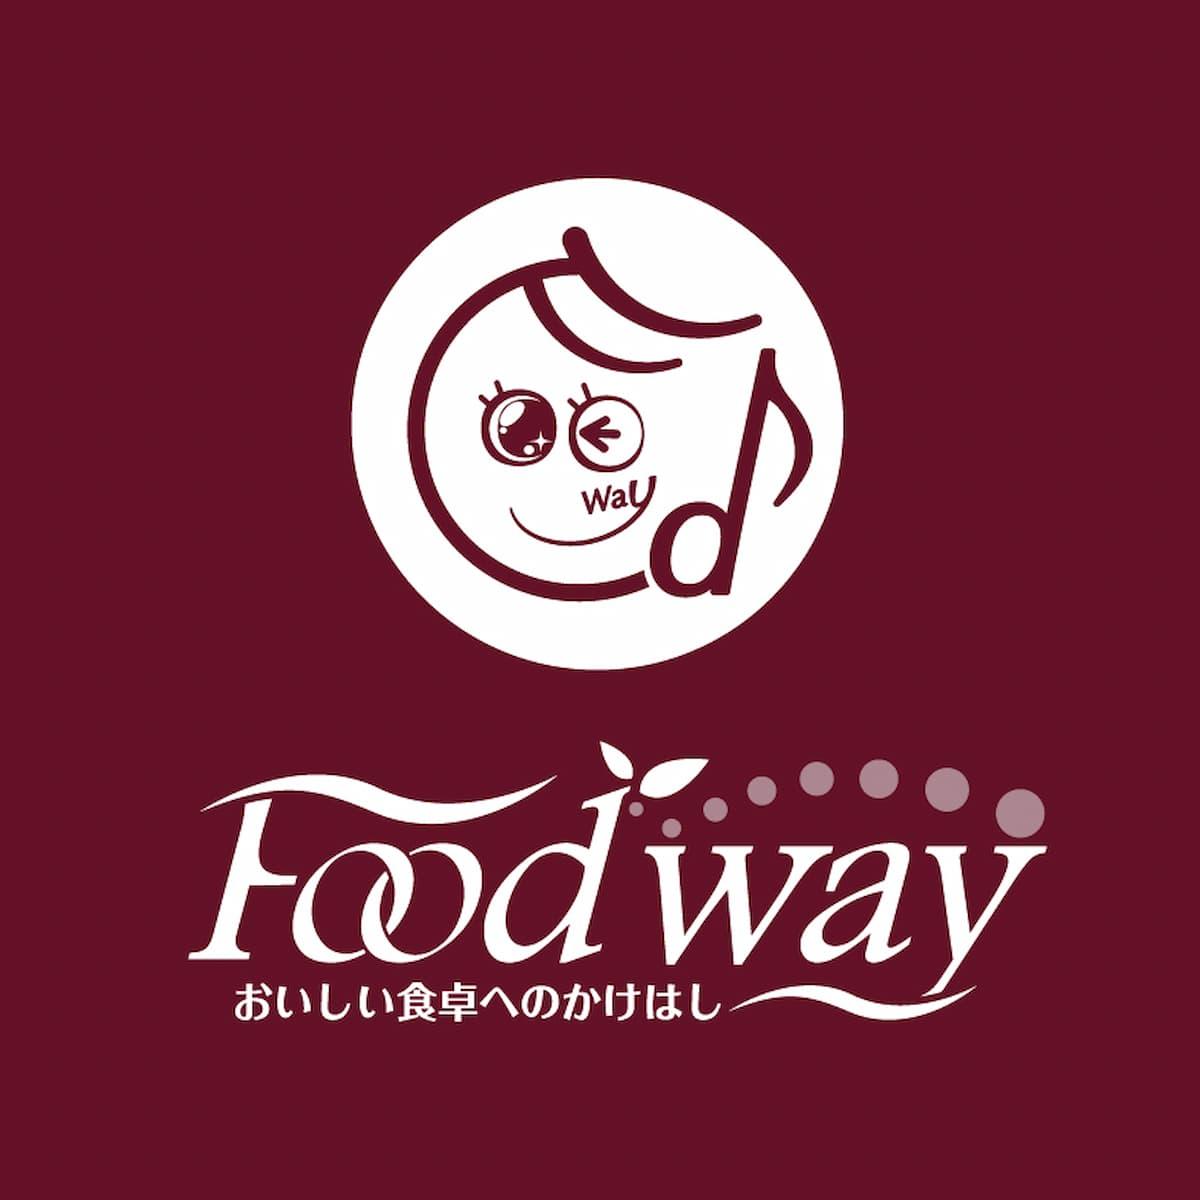 フードウェイ(FOOD WAY)ってスーパーが旧岩田屋久留米新館1階にできるみたい。11月上旬オープン予定